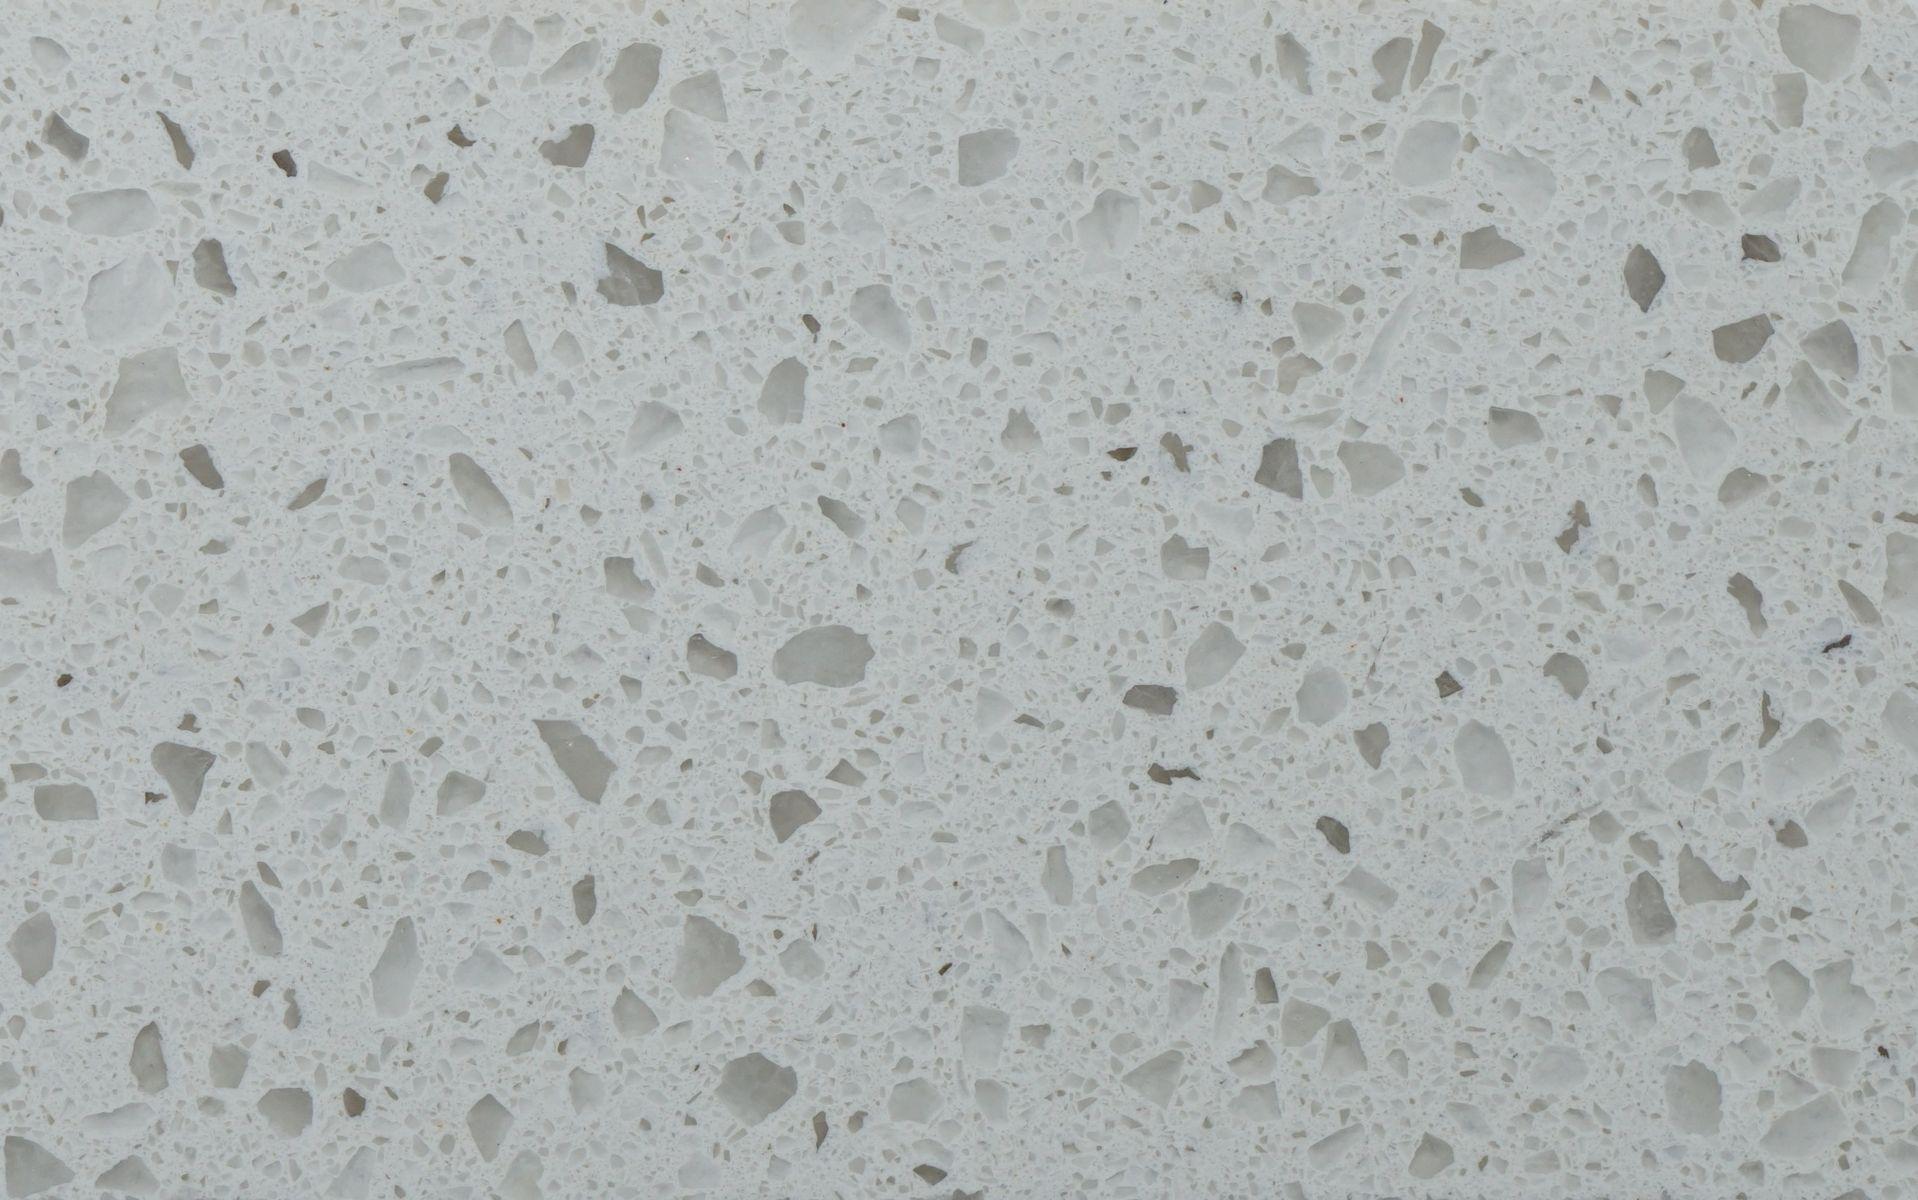 quartz composite granite pacifica. Black Bedroom Furniture Sets. Home Design Ideas